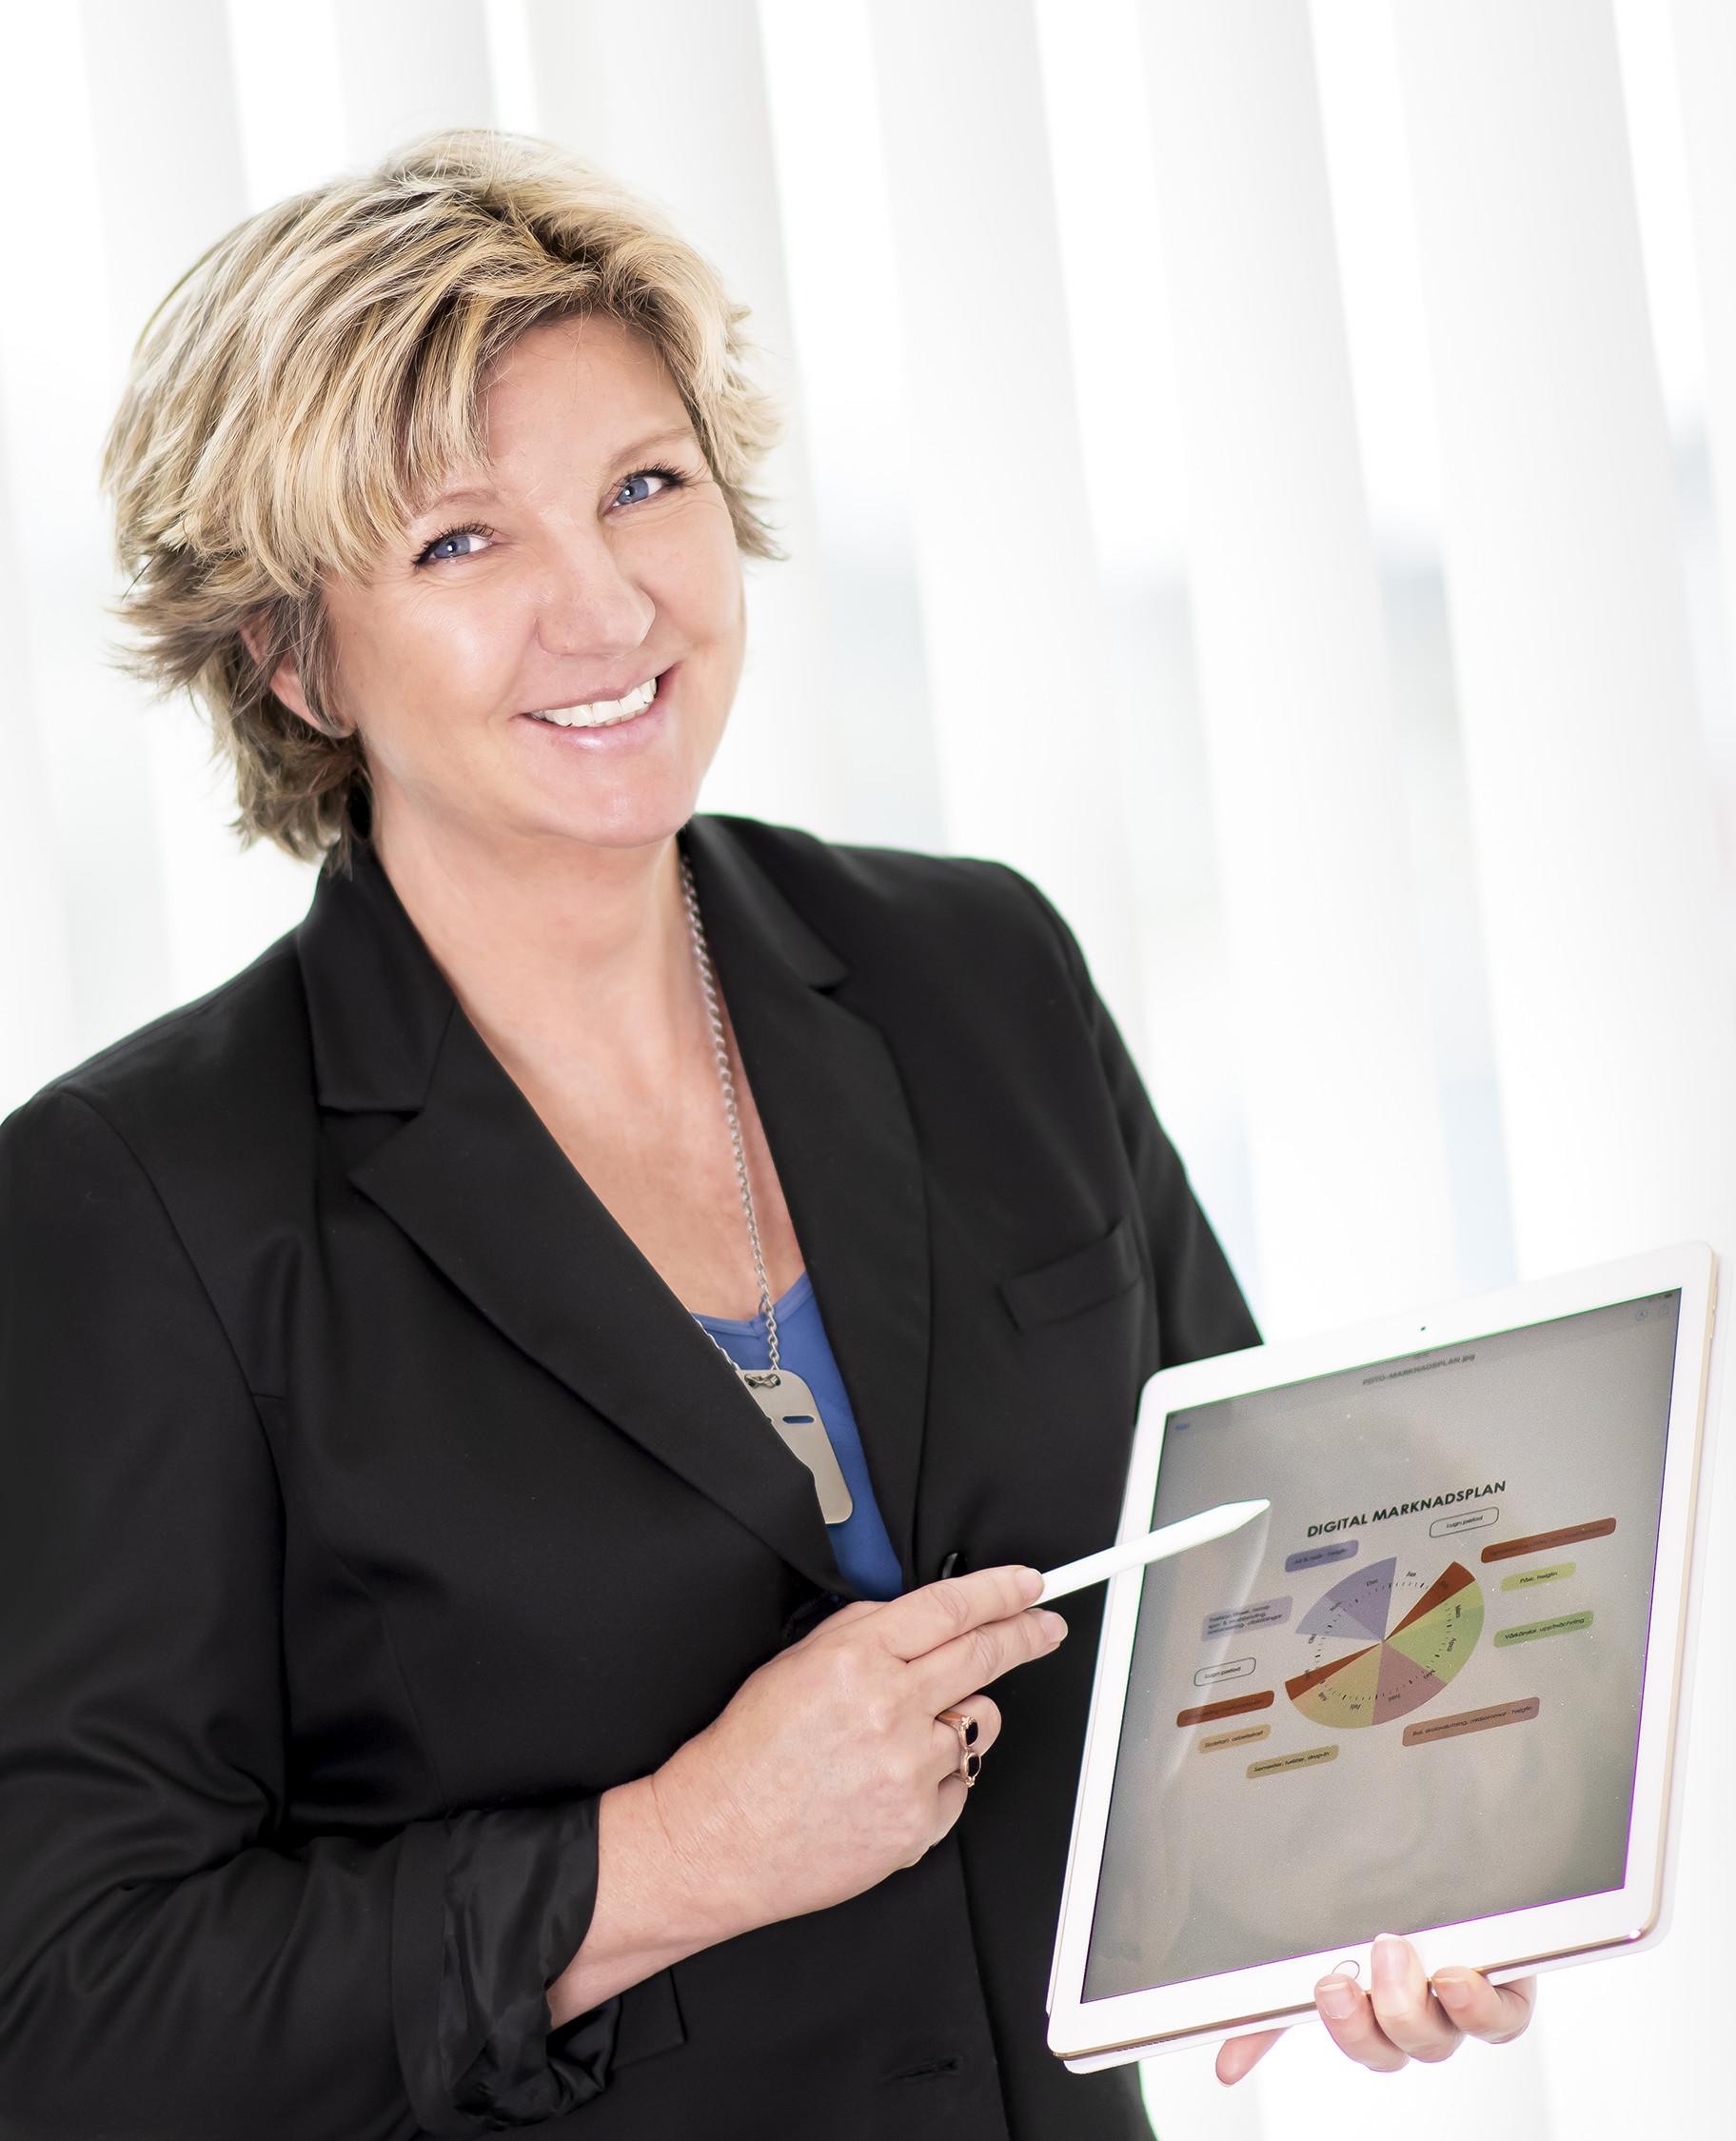 Digital marknadsföring - Ann Tavelin, Base Media Norr